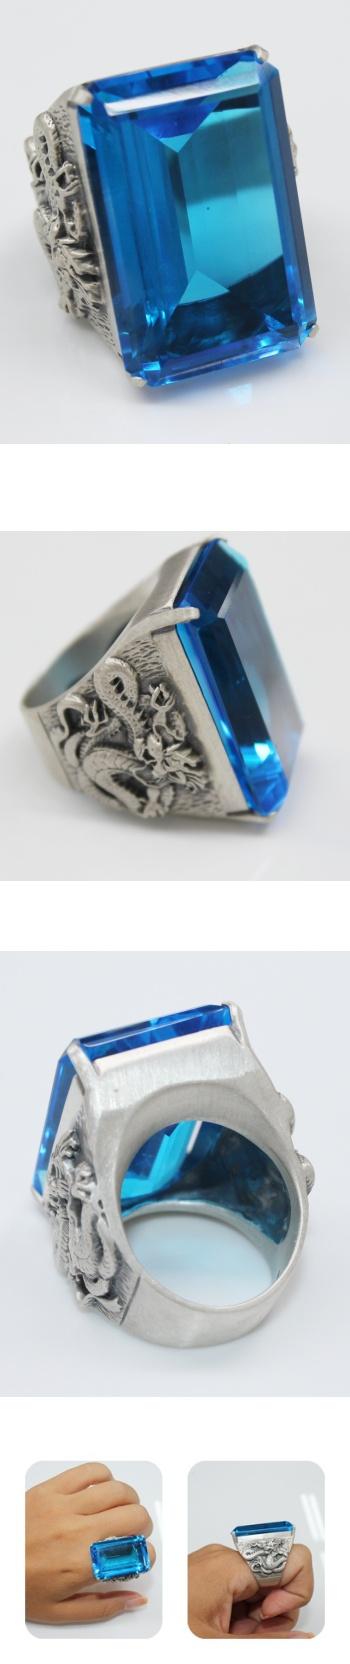 아쿠아마린 용반지 아쿠아마린 반지 - 오이수공예, 365,000원, 실버, 진주/원석반지